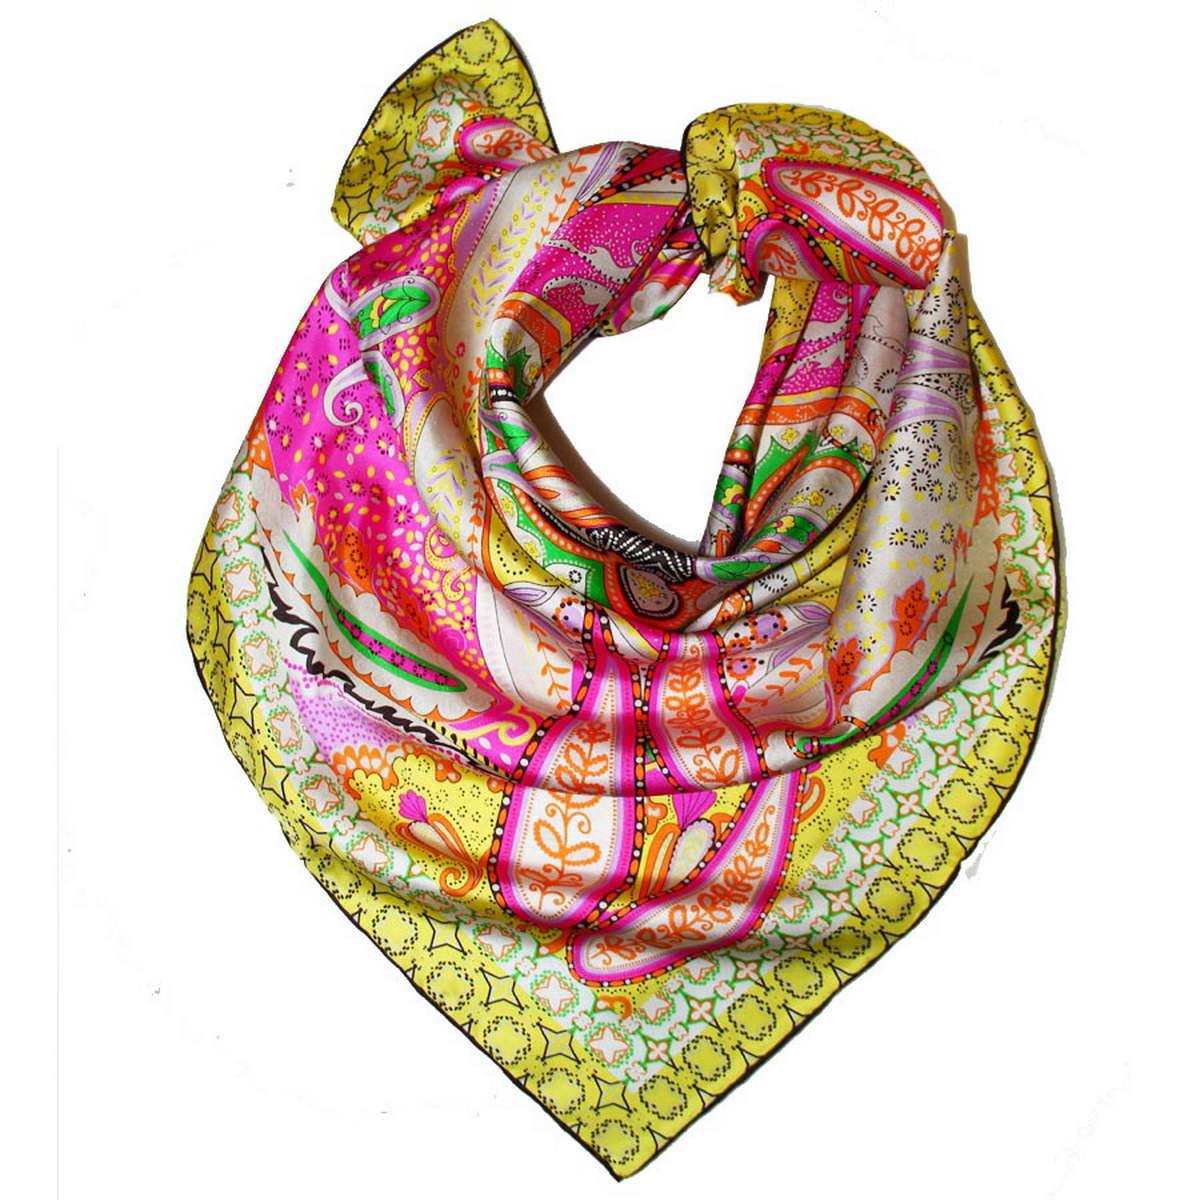 Платок1801171-2Стильный женский платок Venera изготовлен из натурального шелка и оформлен оригинальным, ярким узором. Классическая квадратная форма позволяет носить платок на шее, украшать им прическу или декорировать сумочку. Такой платок превосходно дополнит любой наряд и подчеркнет ваш неповторимый вкус и элегантность.